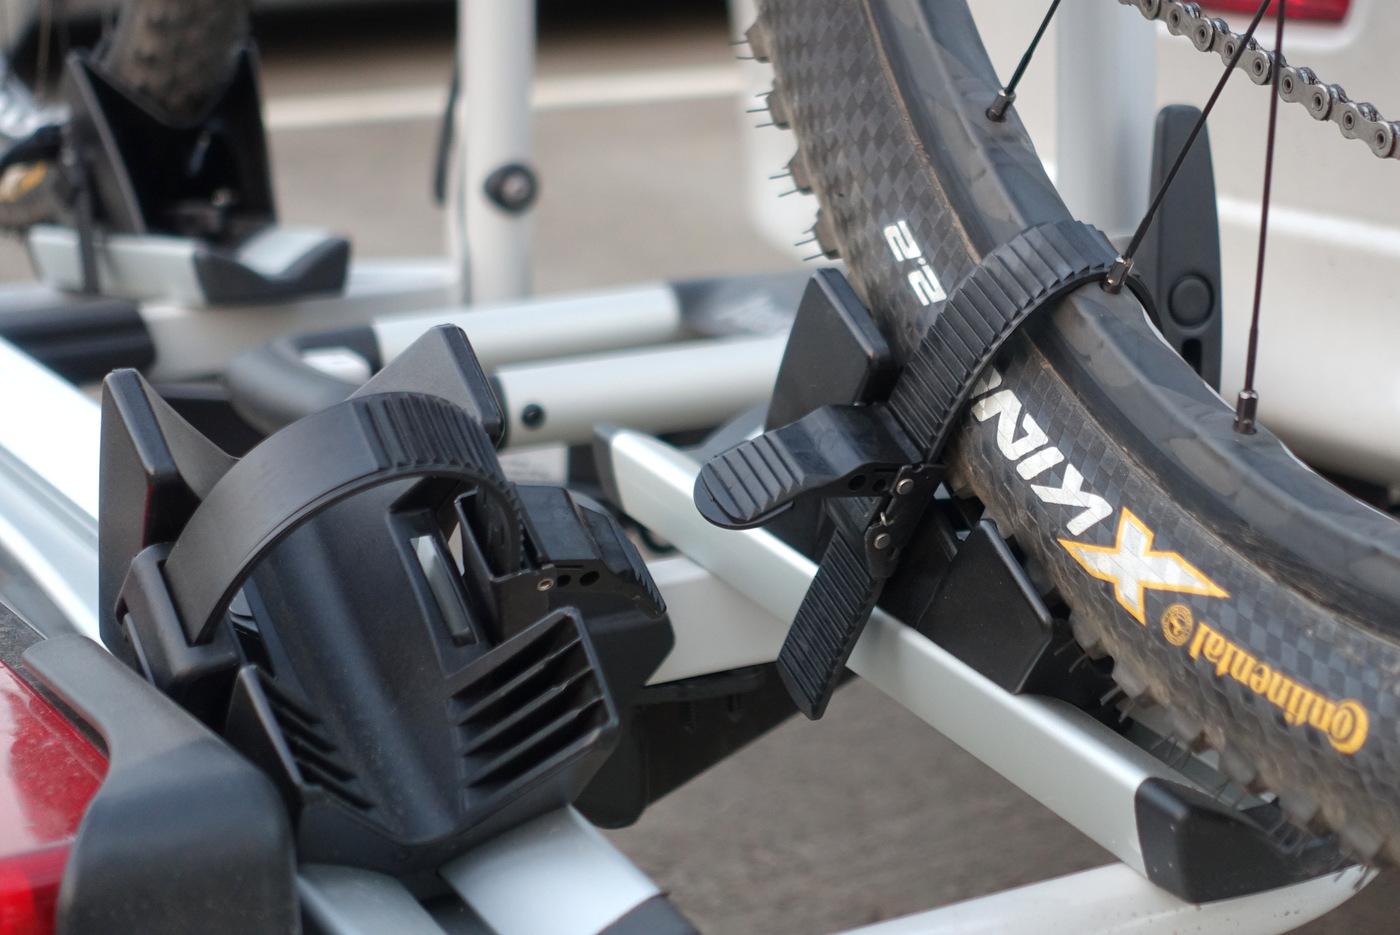 השיפוע תופס את האופניים שלא ינוע, והמסילה עם שיכוך מסוים